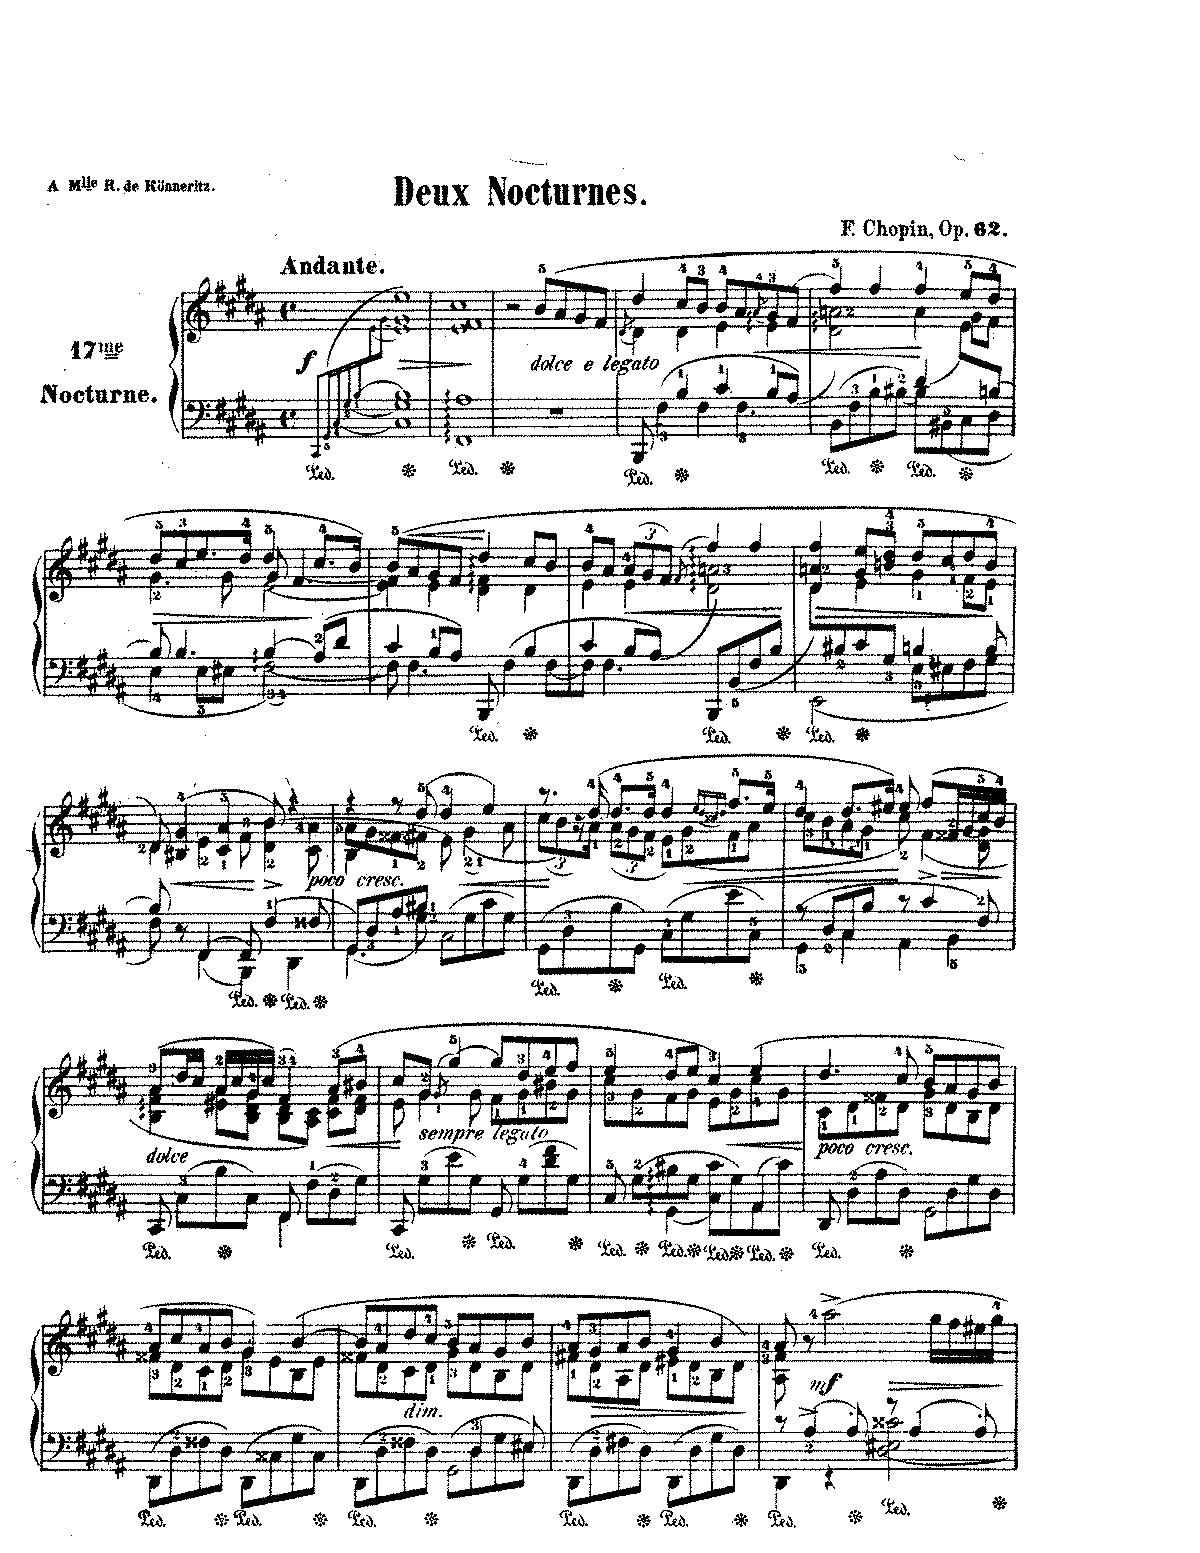 piano chopin nocturne op 9 no 2 pdf